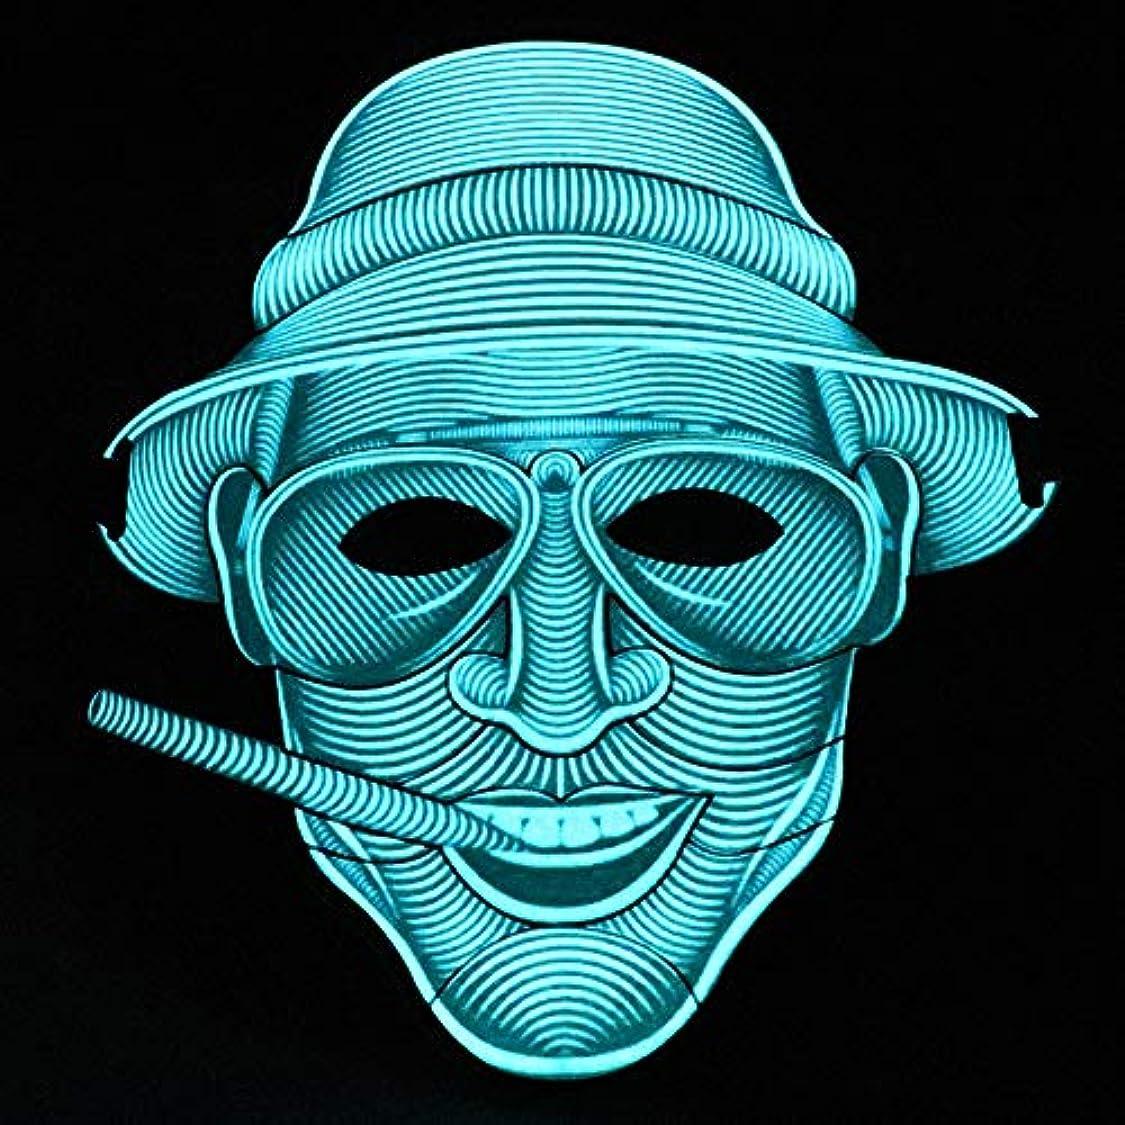 適合しました紀元前集中的な照らされたマスクLED創造的な冷光音響制御マスクハロウィンバーフェスティバルダンスマスク (Color : #18)